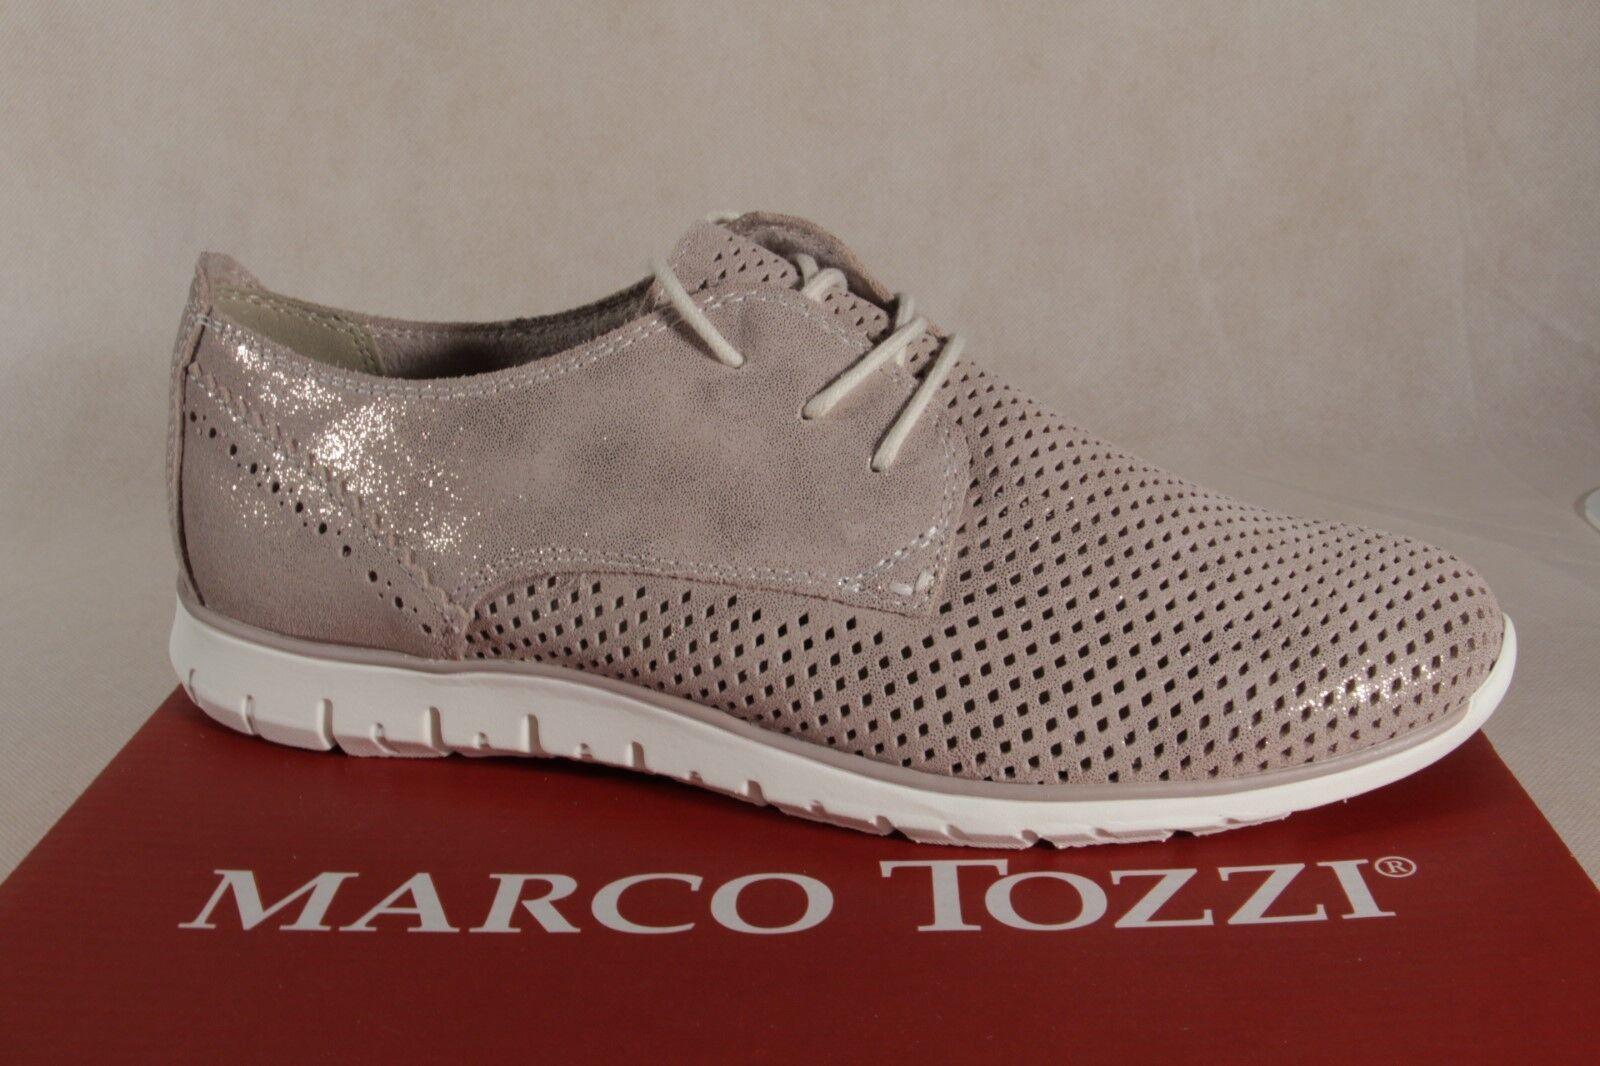 Zapatos de mujer baratos zapatos de mujer Descuento por tiempo limitado Marco Tozzi Zapatos De Cordones Zapatilla deporte bajas Beige Metálico 23728